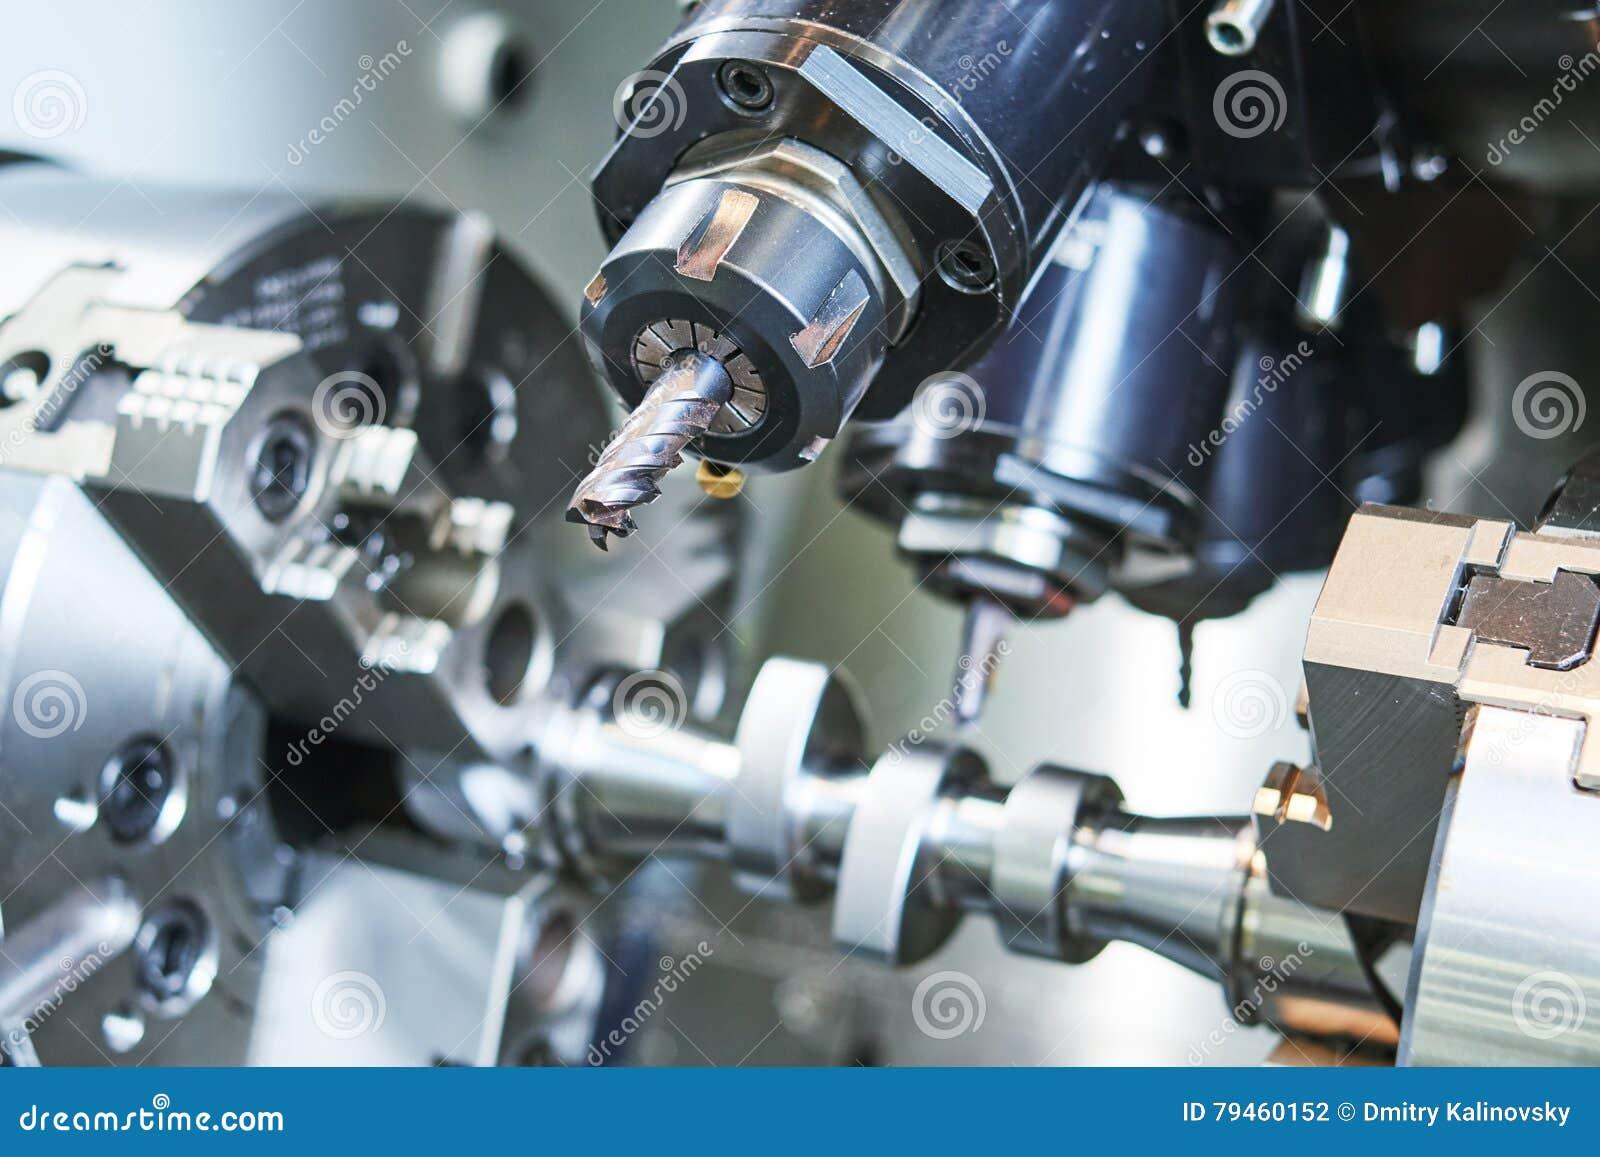 Präzision CNC-Metall, das durch Mühle, Bohrgerät und Schneider maschinell bearbeitet